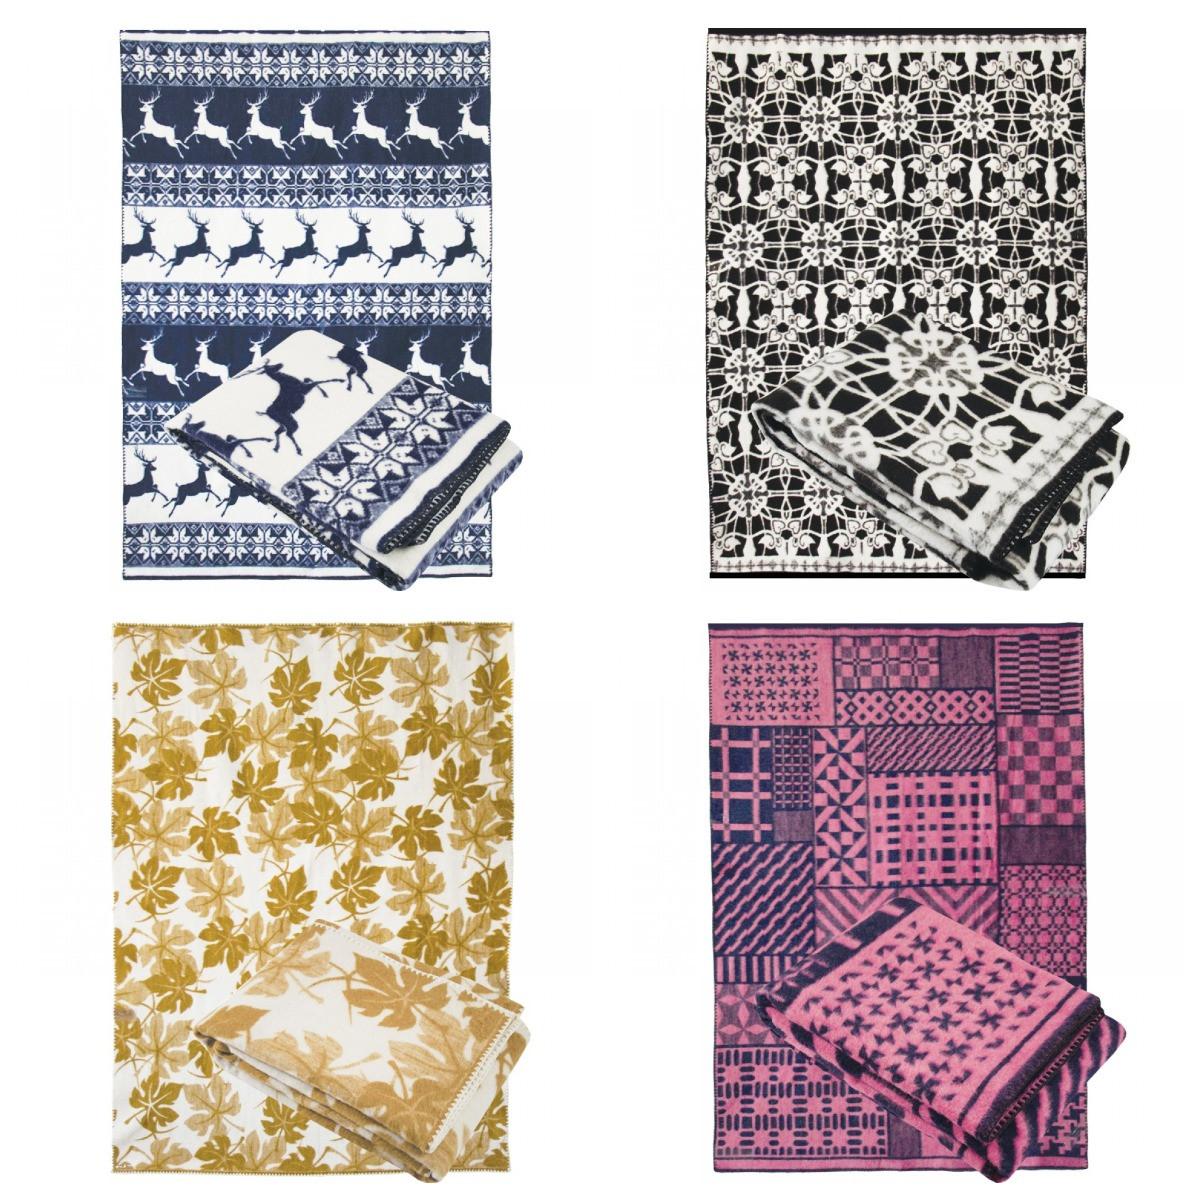 Демисезонное одеяло акрил/шерсть евро макси 230х205 ТМ Ярослав дизайн в ассортименте